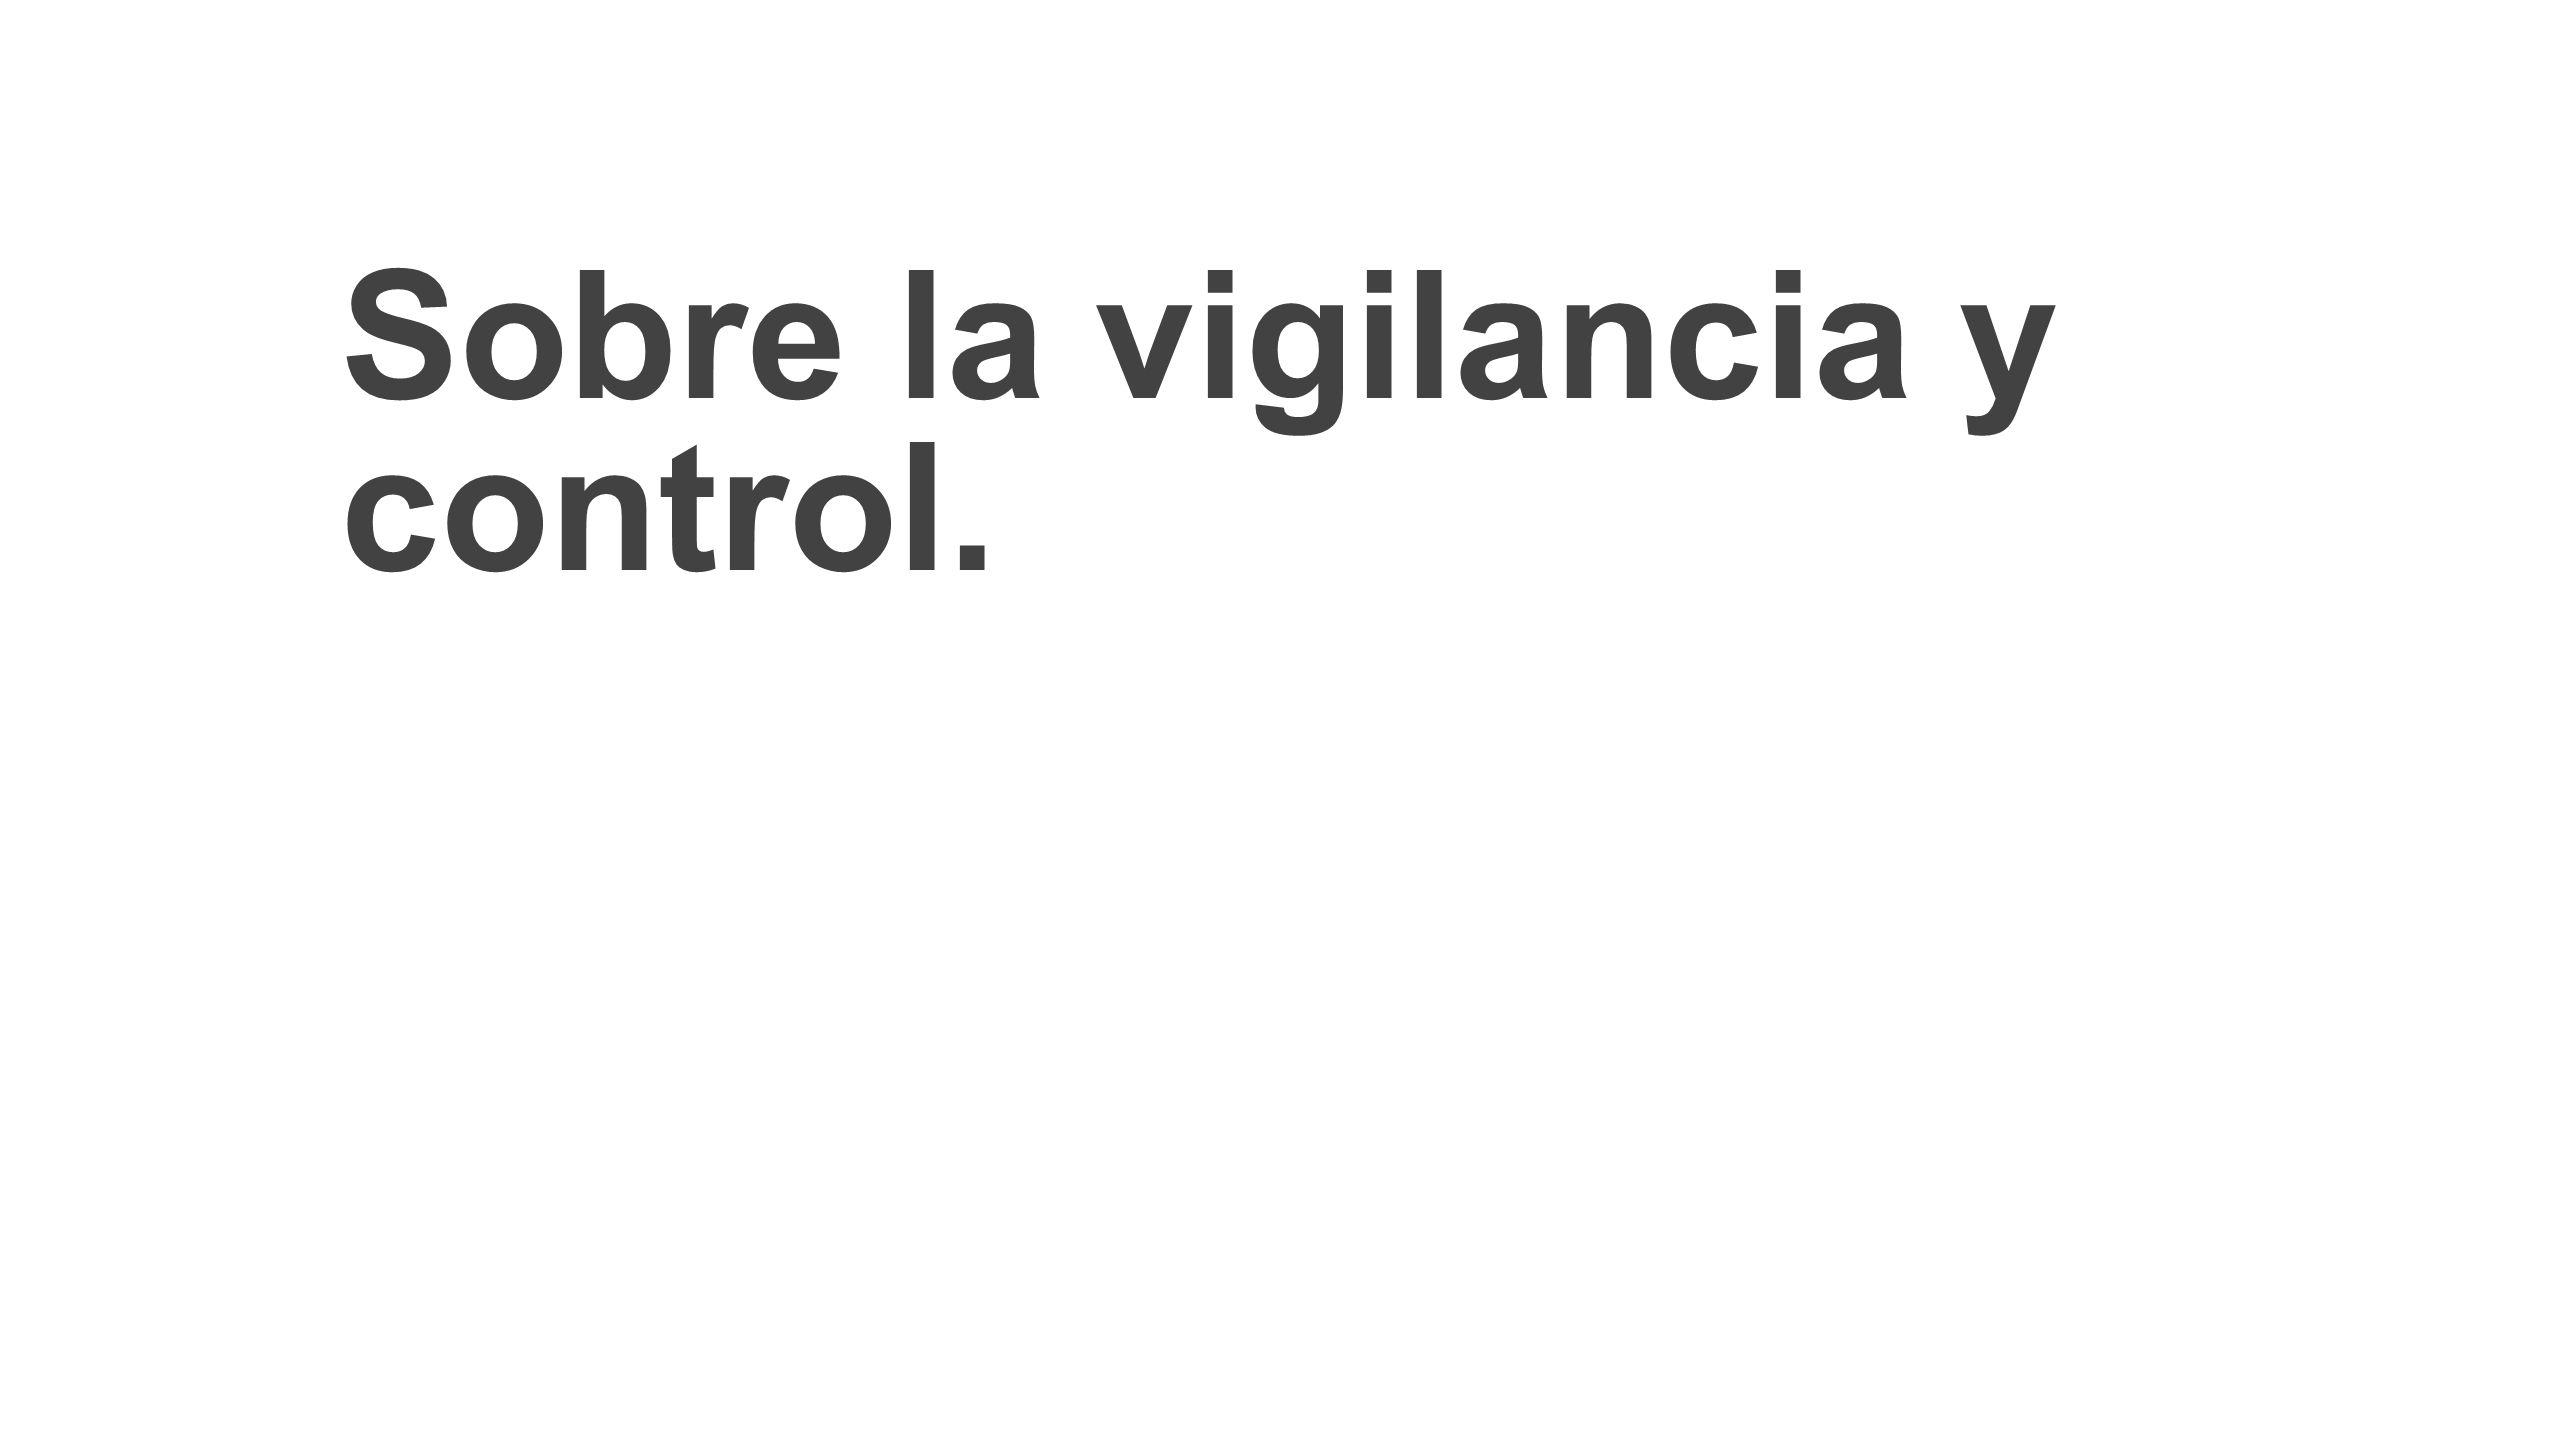 Sobre la vigilancia y control.